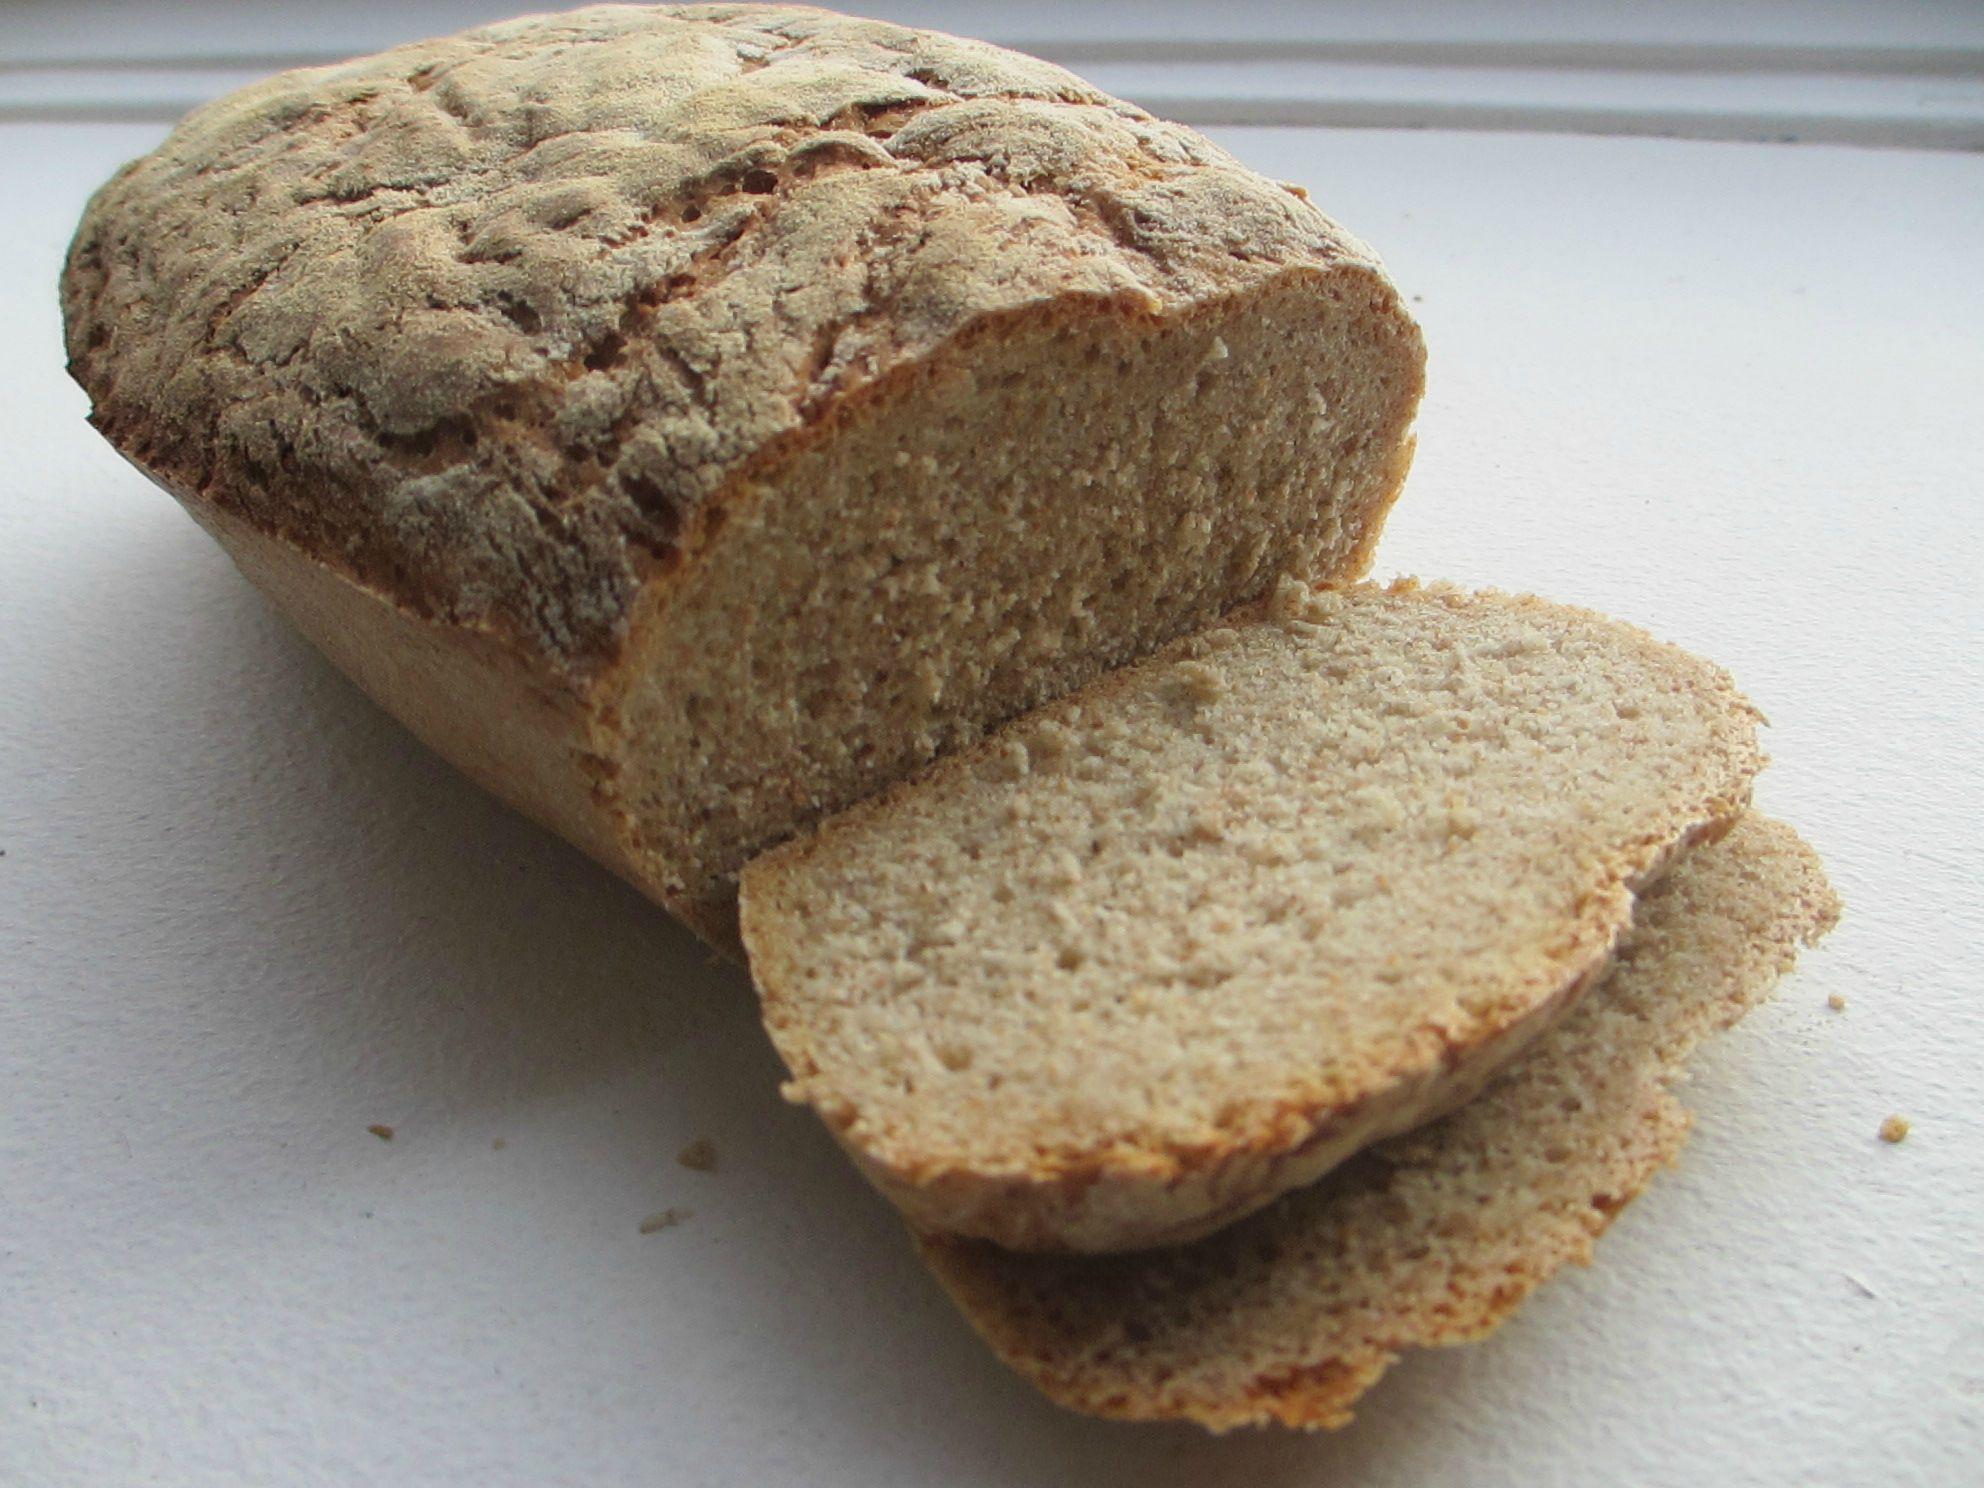 Pain maison la farine de bl semi compl te sans machine pain kmille saveurs - Machine a chips maison ...